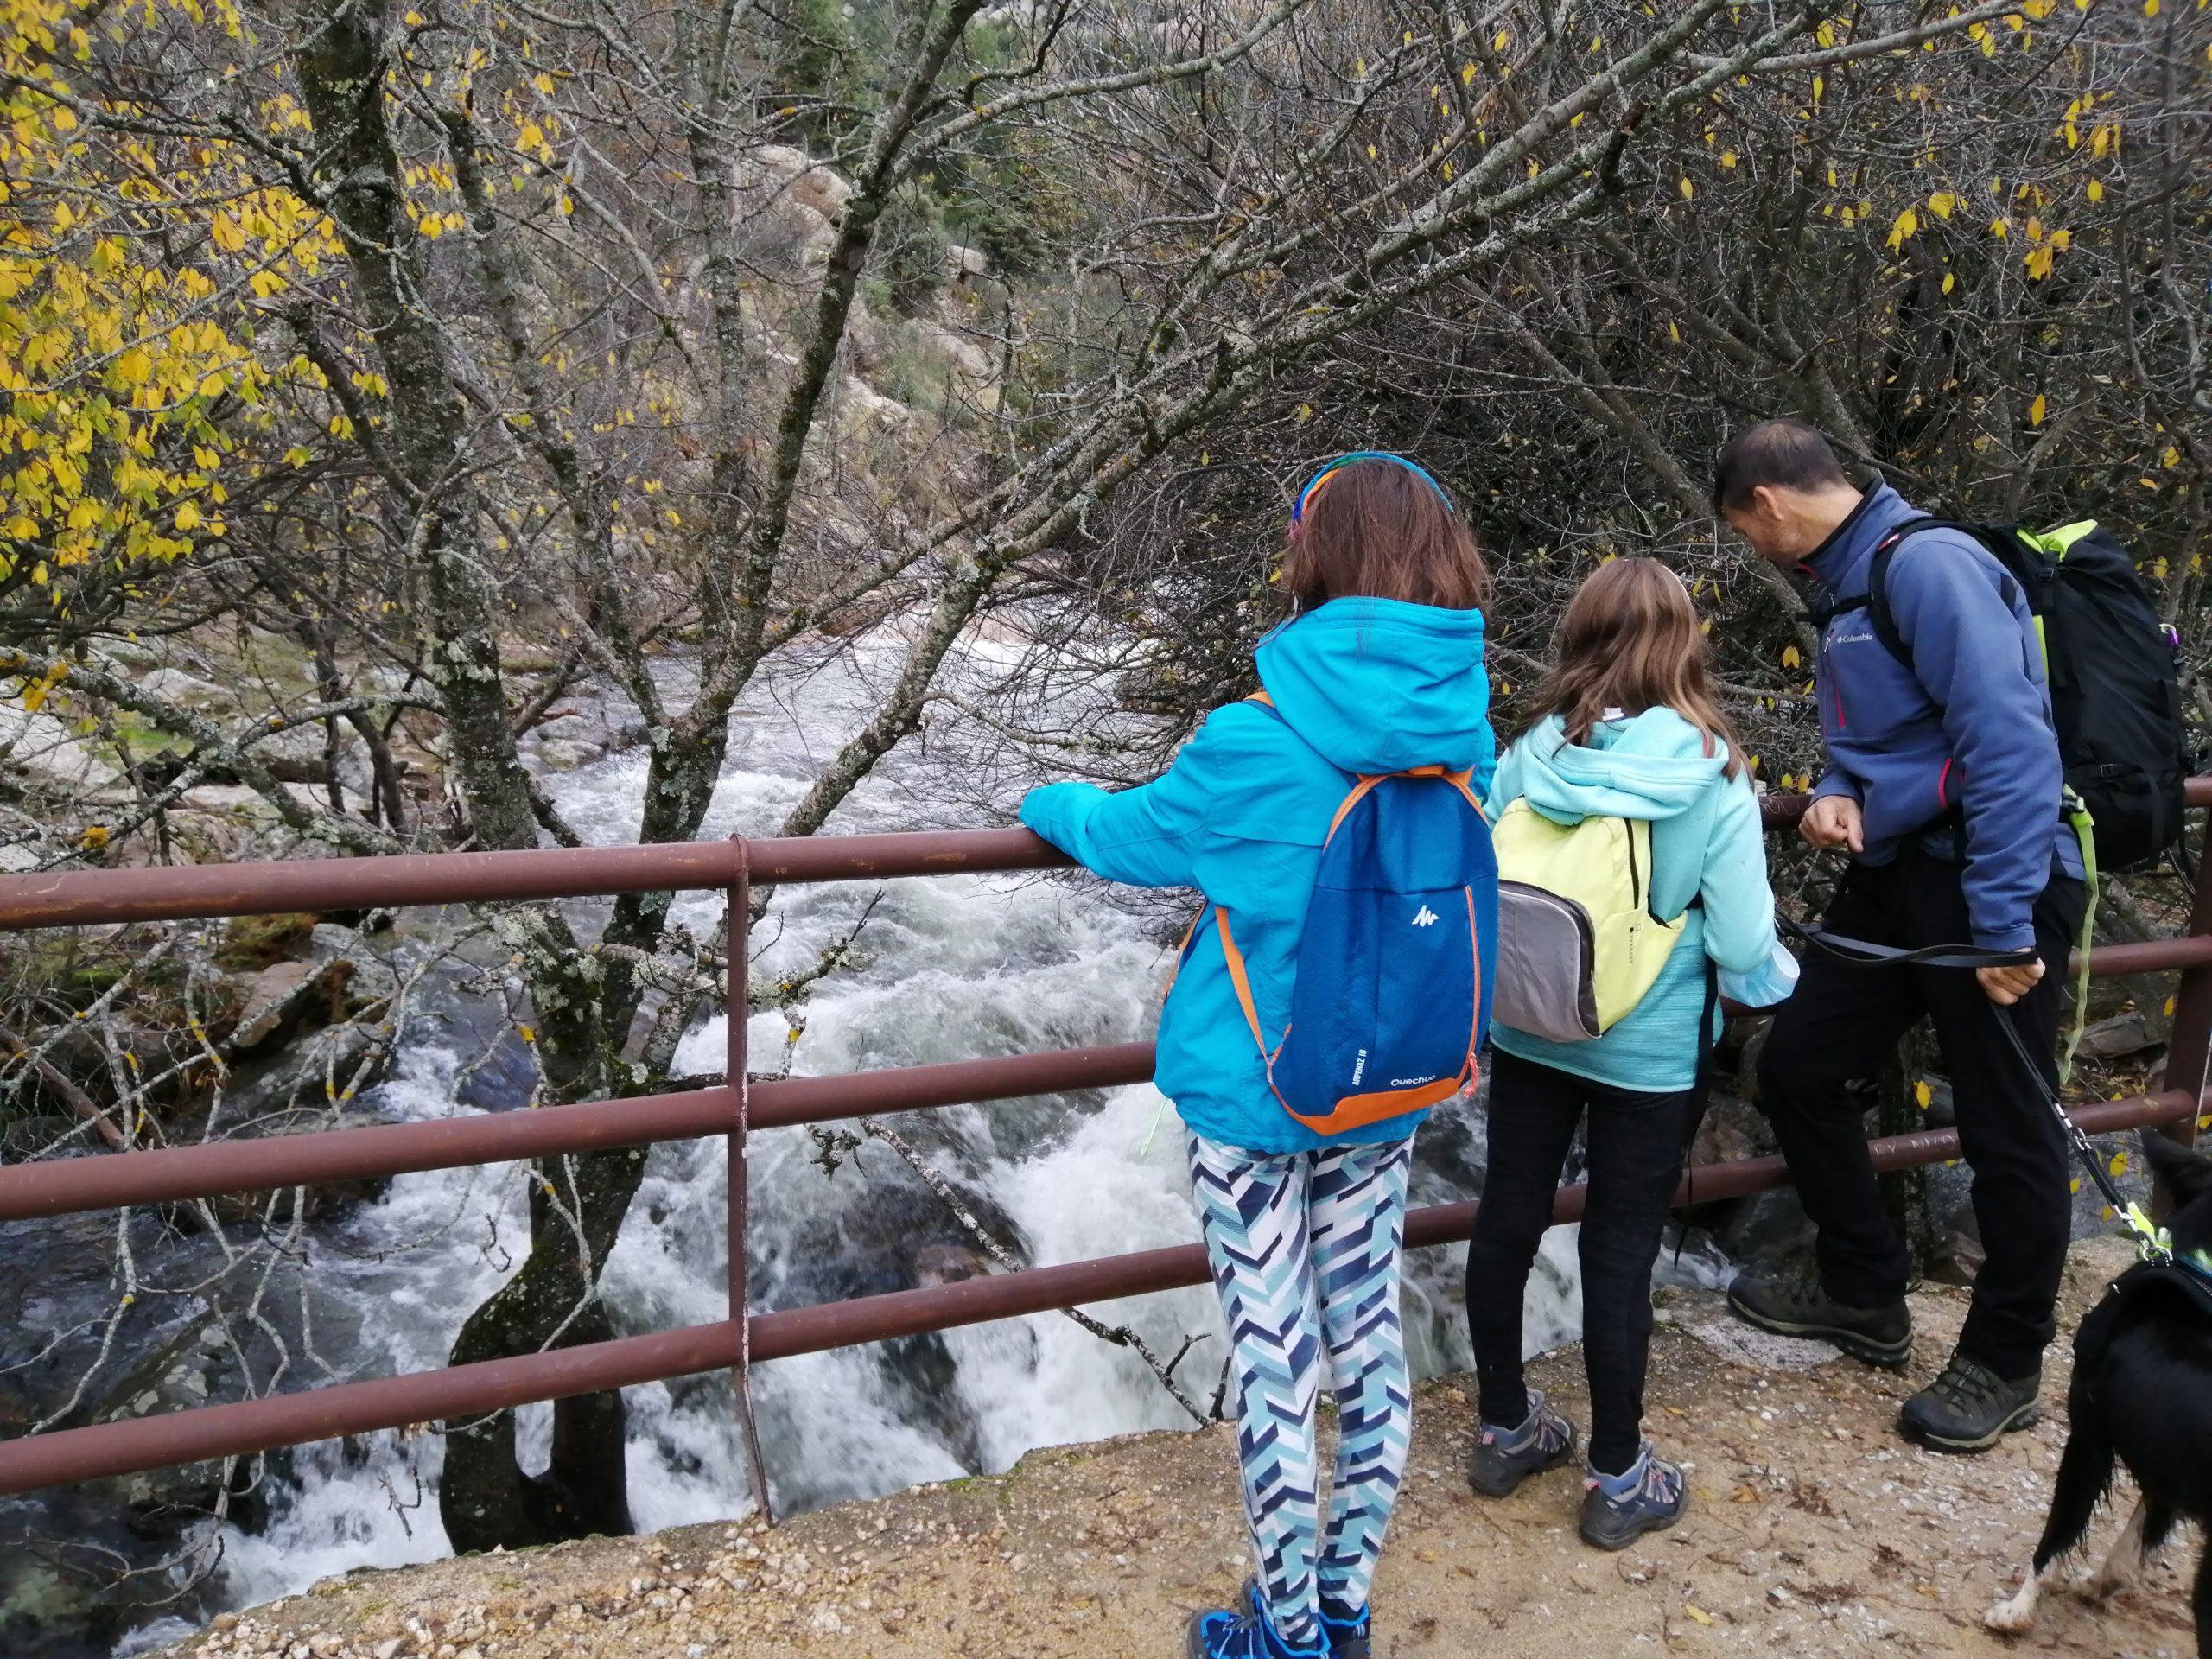 Río Manzanares en La Pedriza. © Patricia Fernández